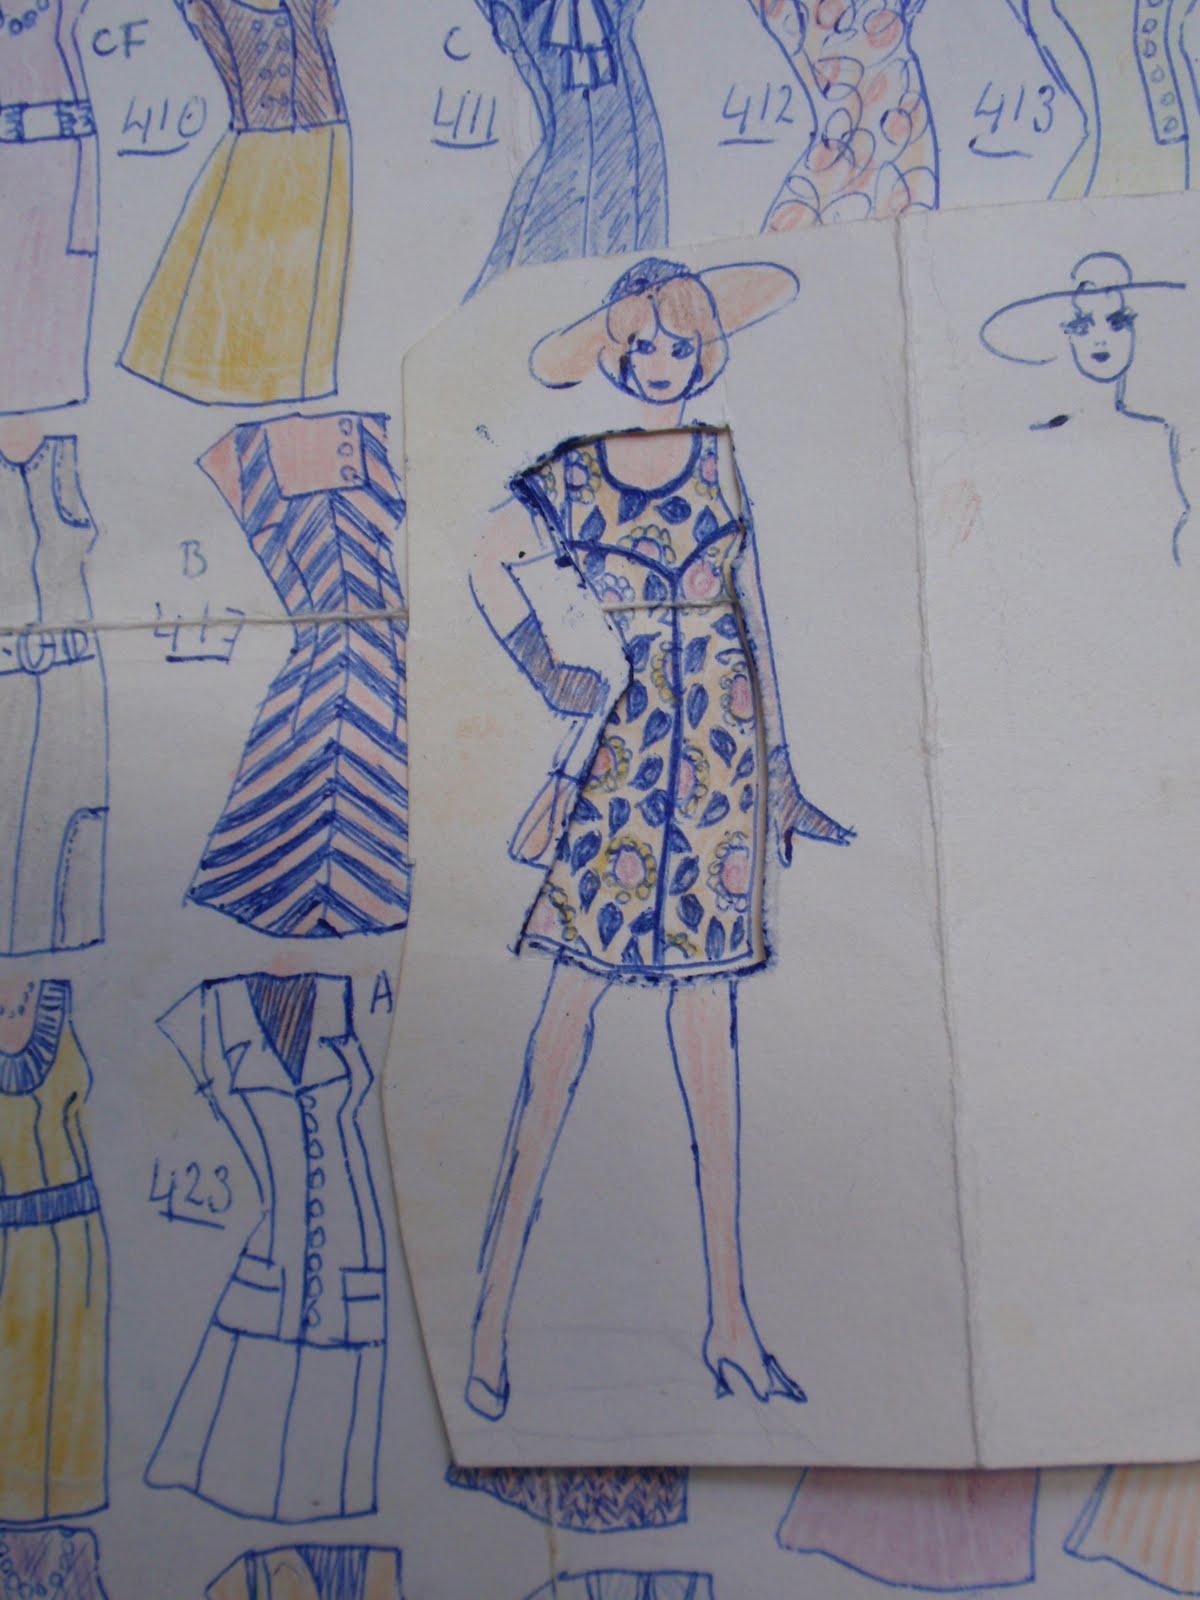 Alles vanellis: mode ontwerpen...